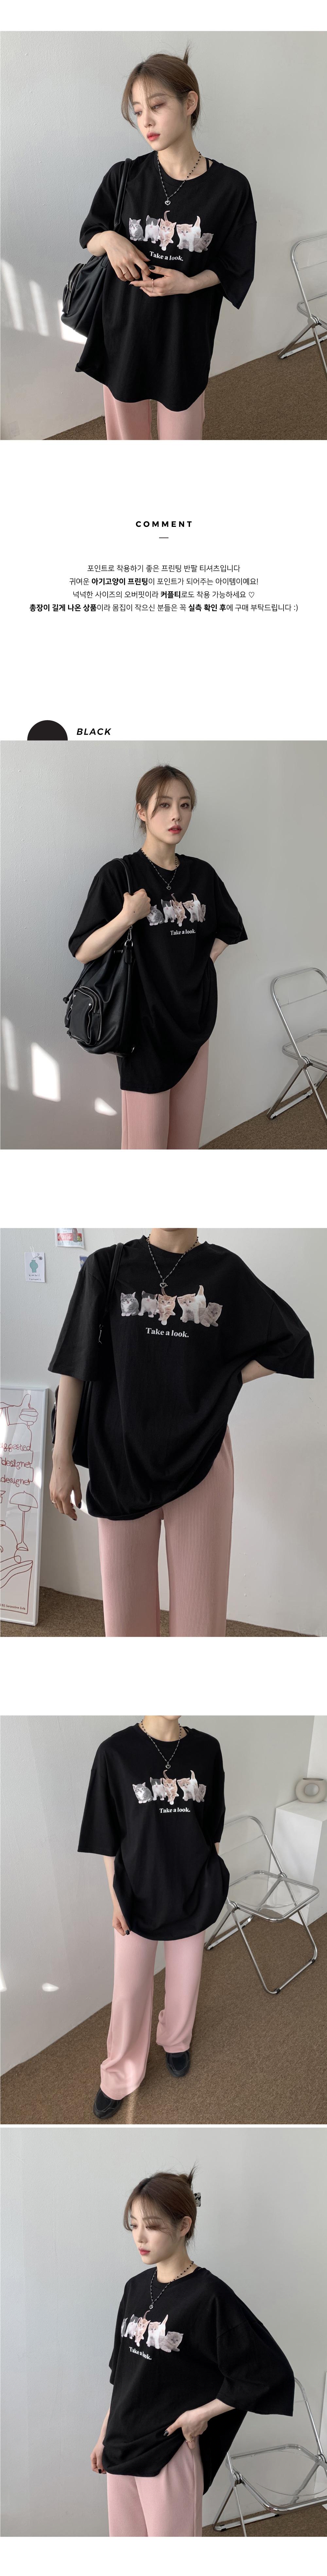 떼껄룩 오버핏 고양이 프린팅 반팔 티셔츠